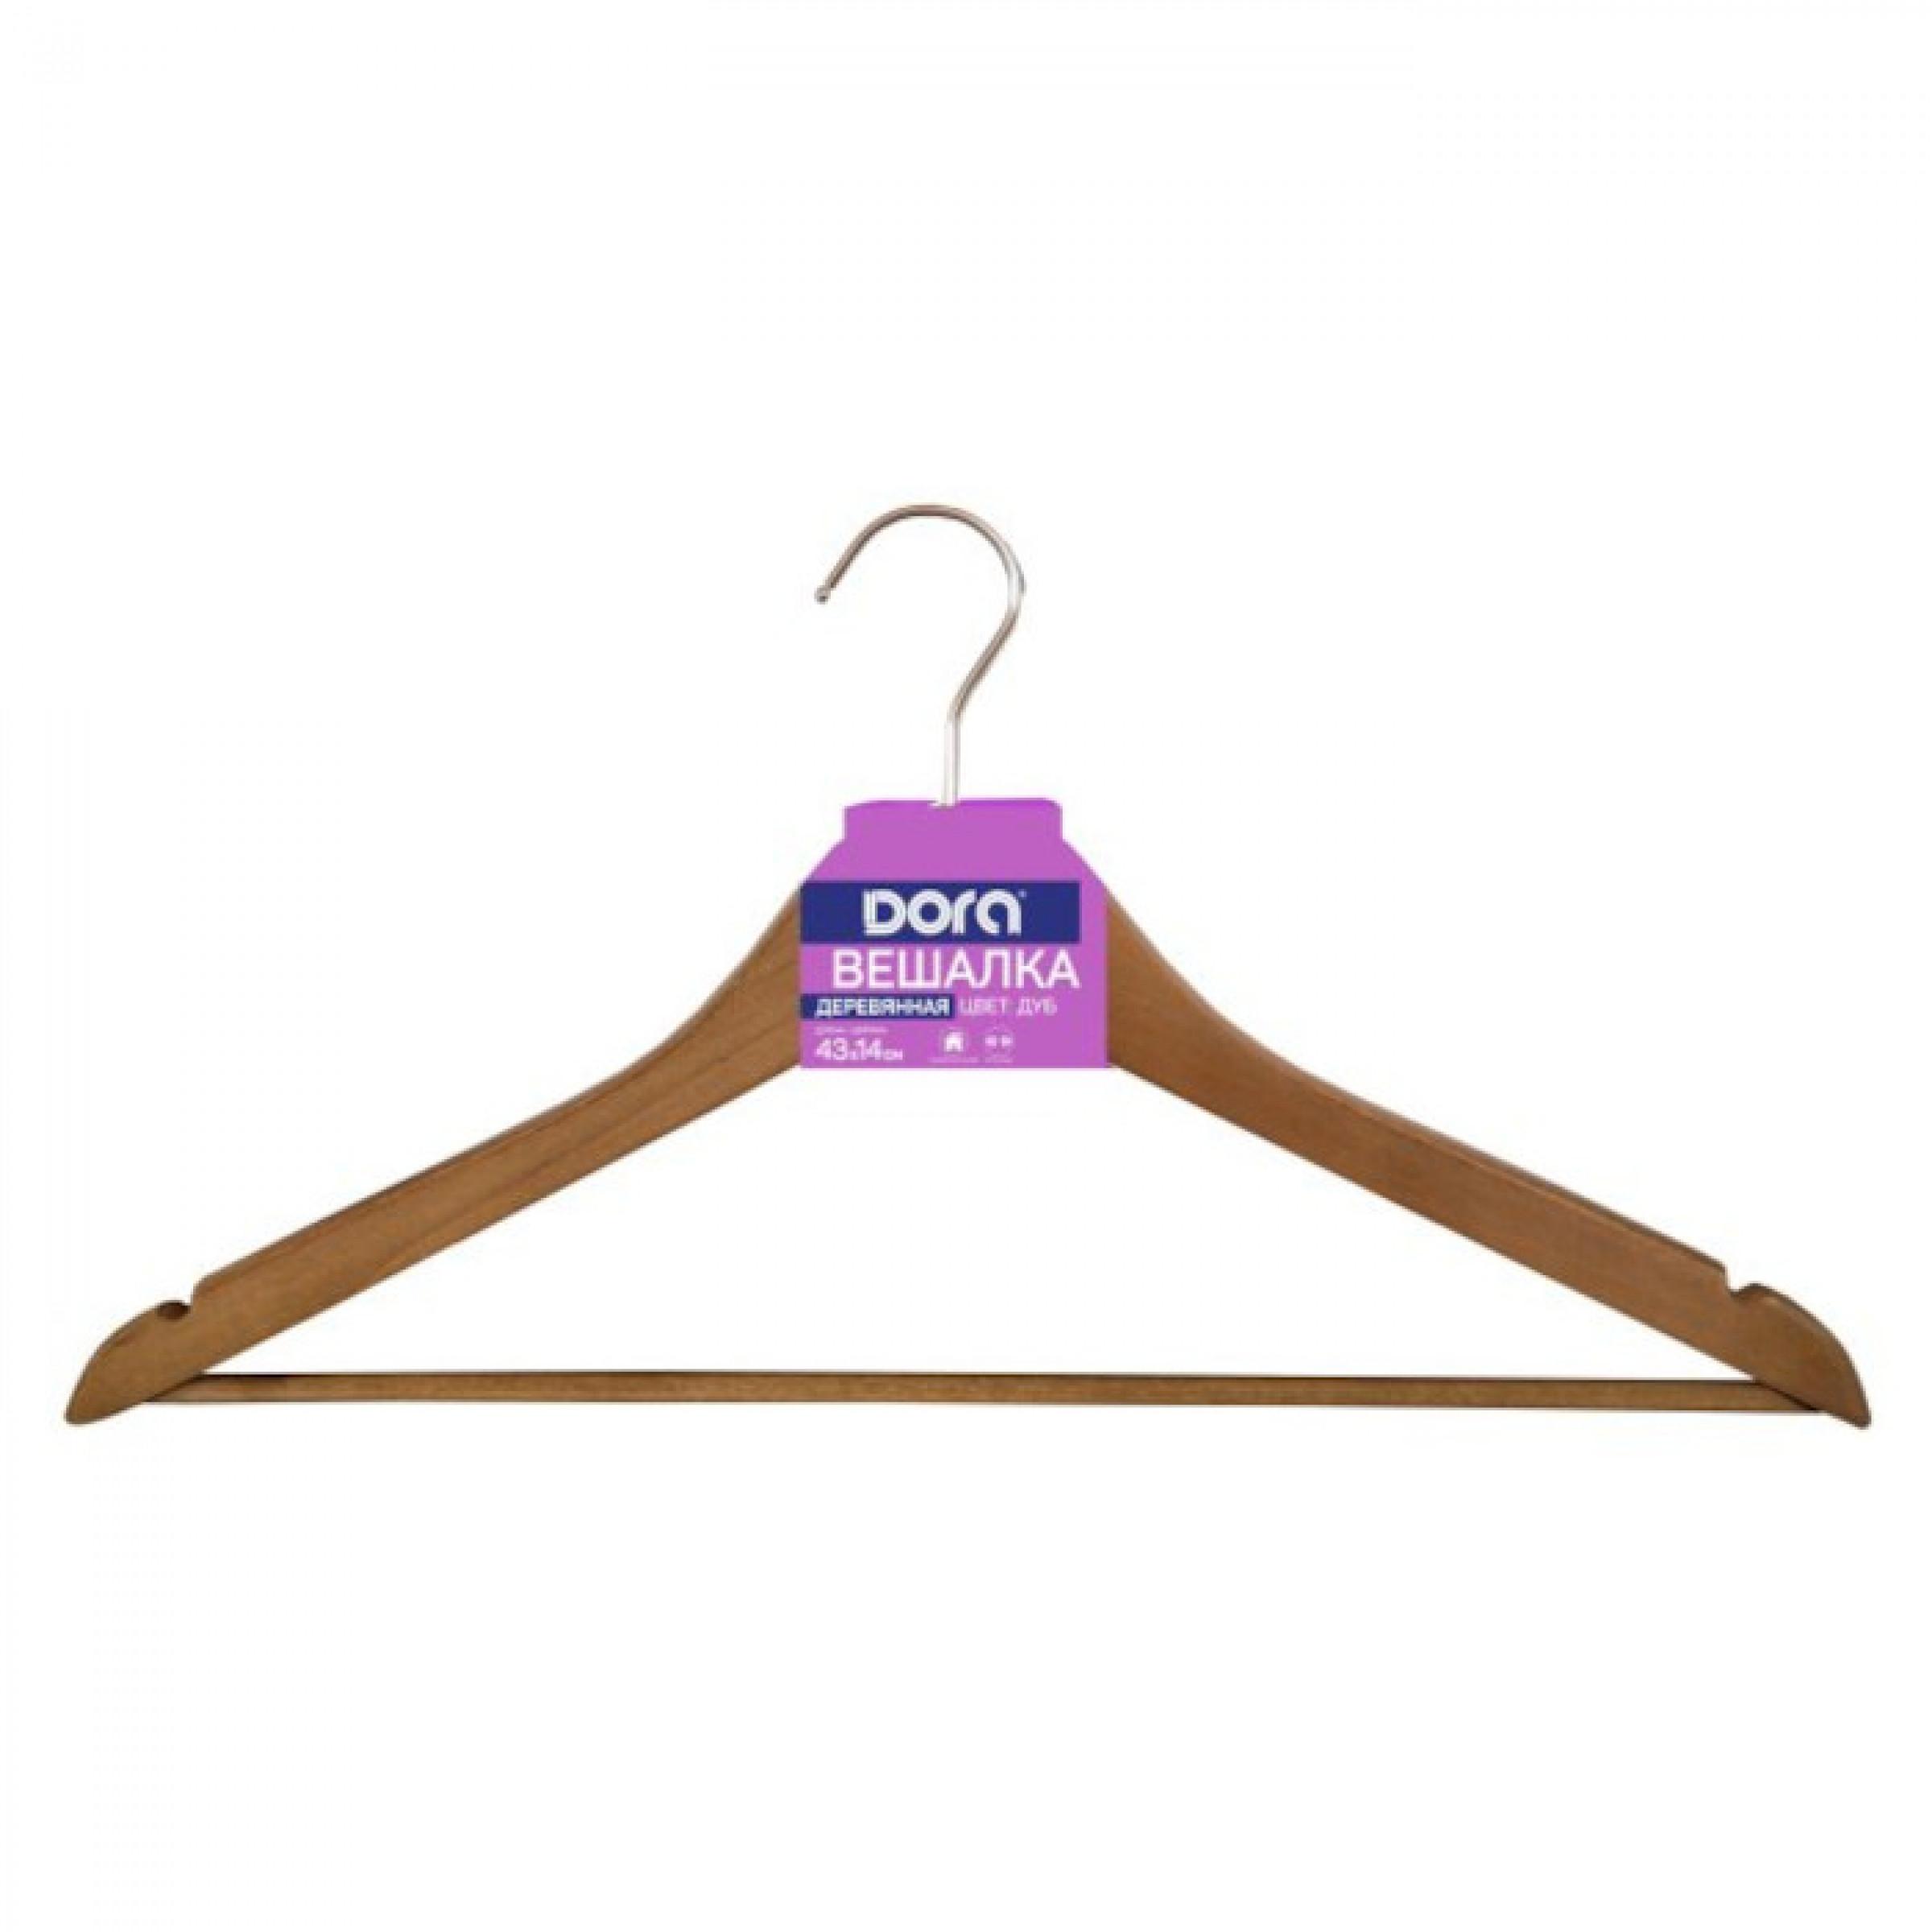 """Вешалка для одежды """"Dora """" деревянная, 1 шт."""